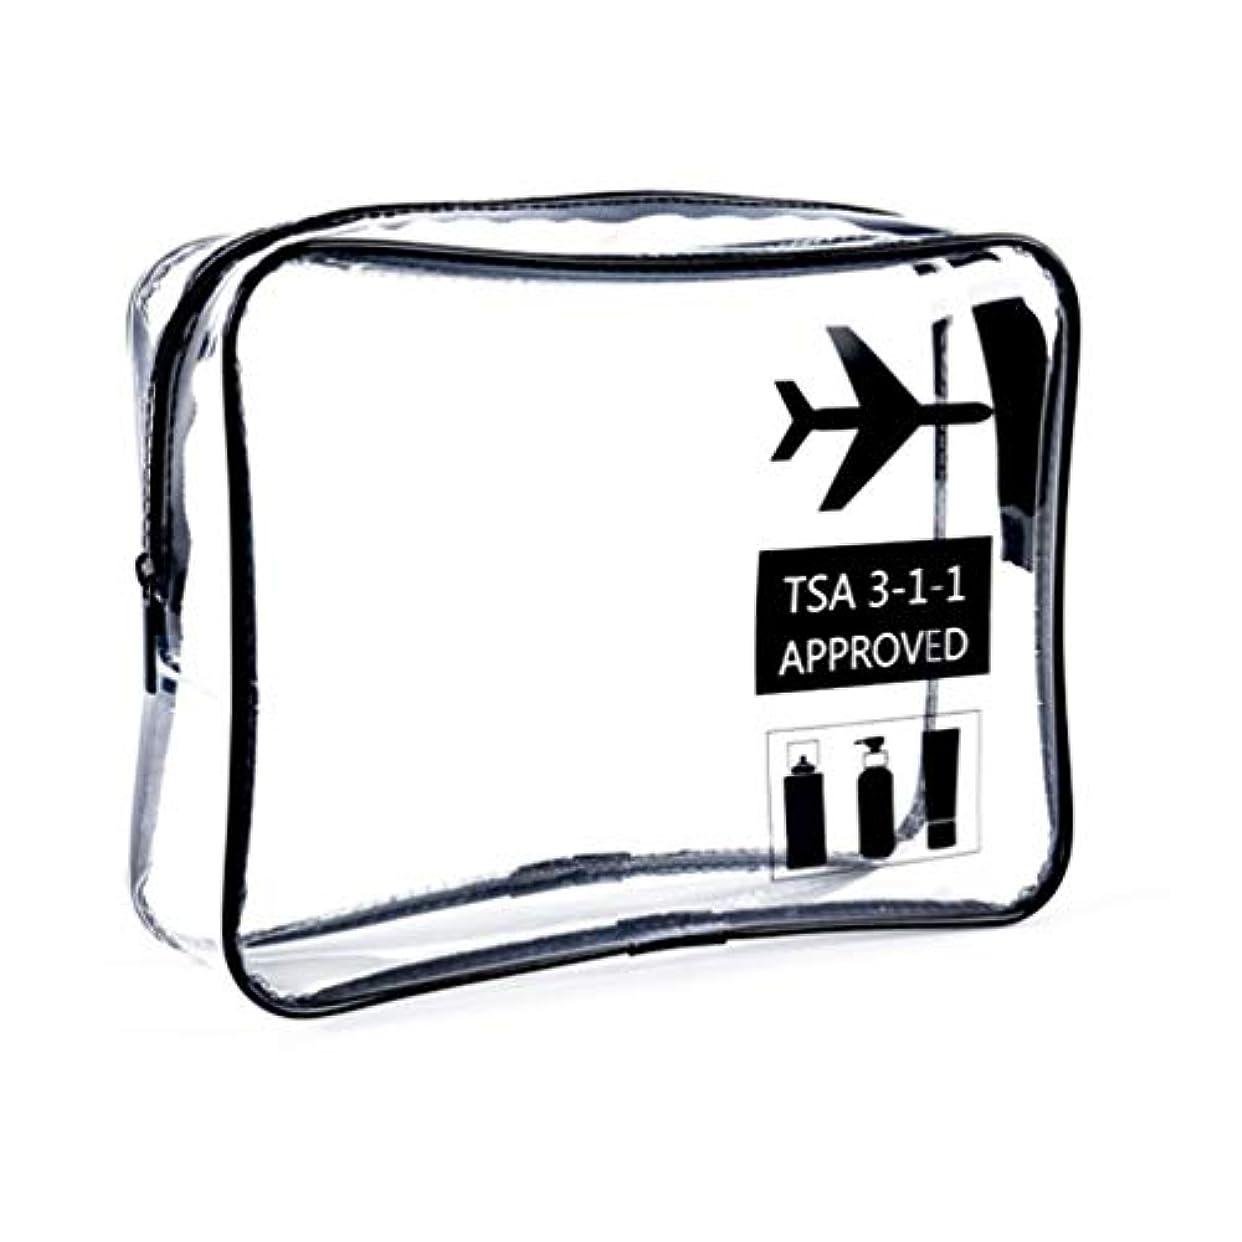 ホバー被害者翻訳明確な化粧袋、ジッパー旅行貯蔵袋の化粧品の箱が付いている携帯用防水化粧品袋